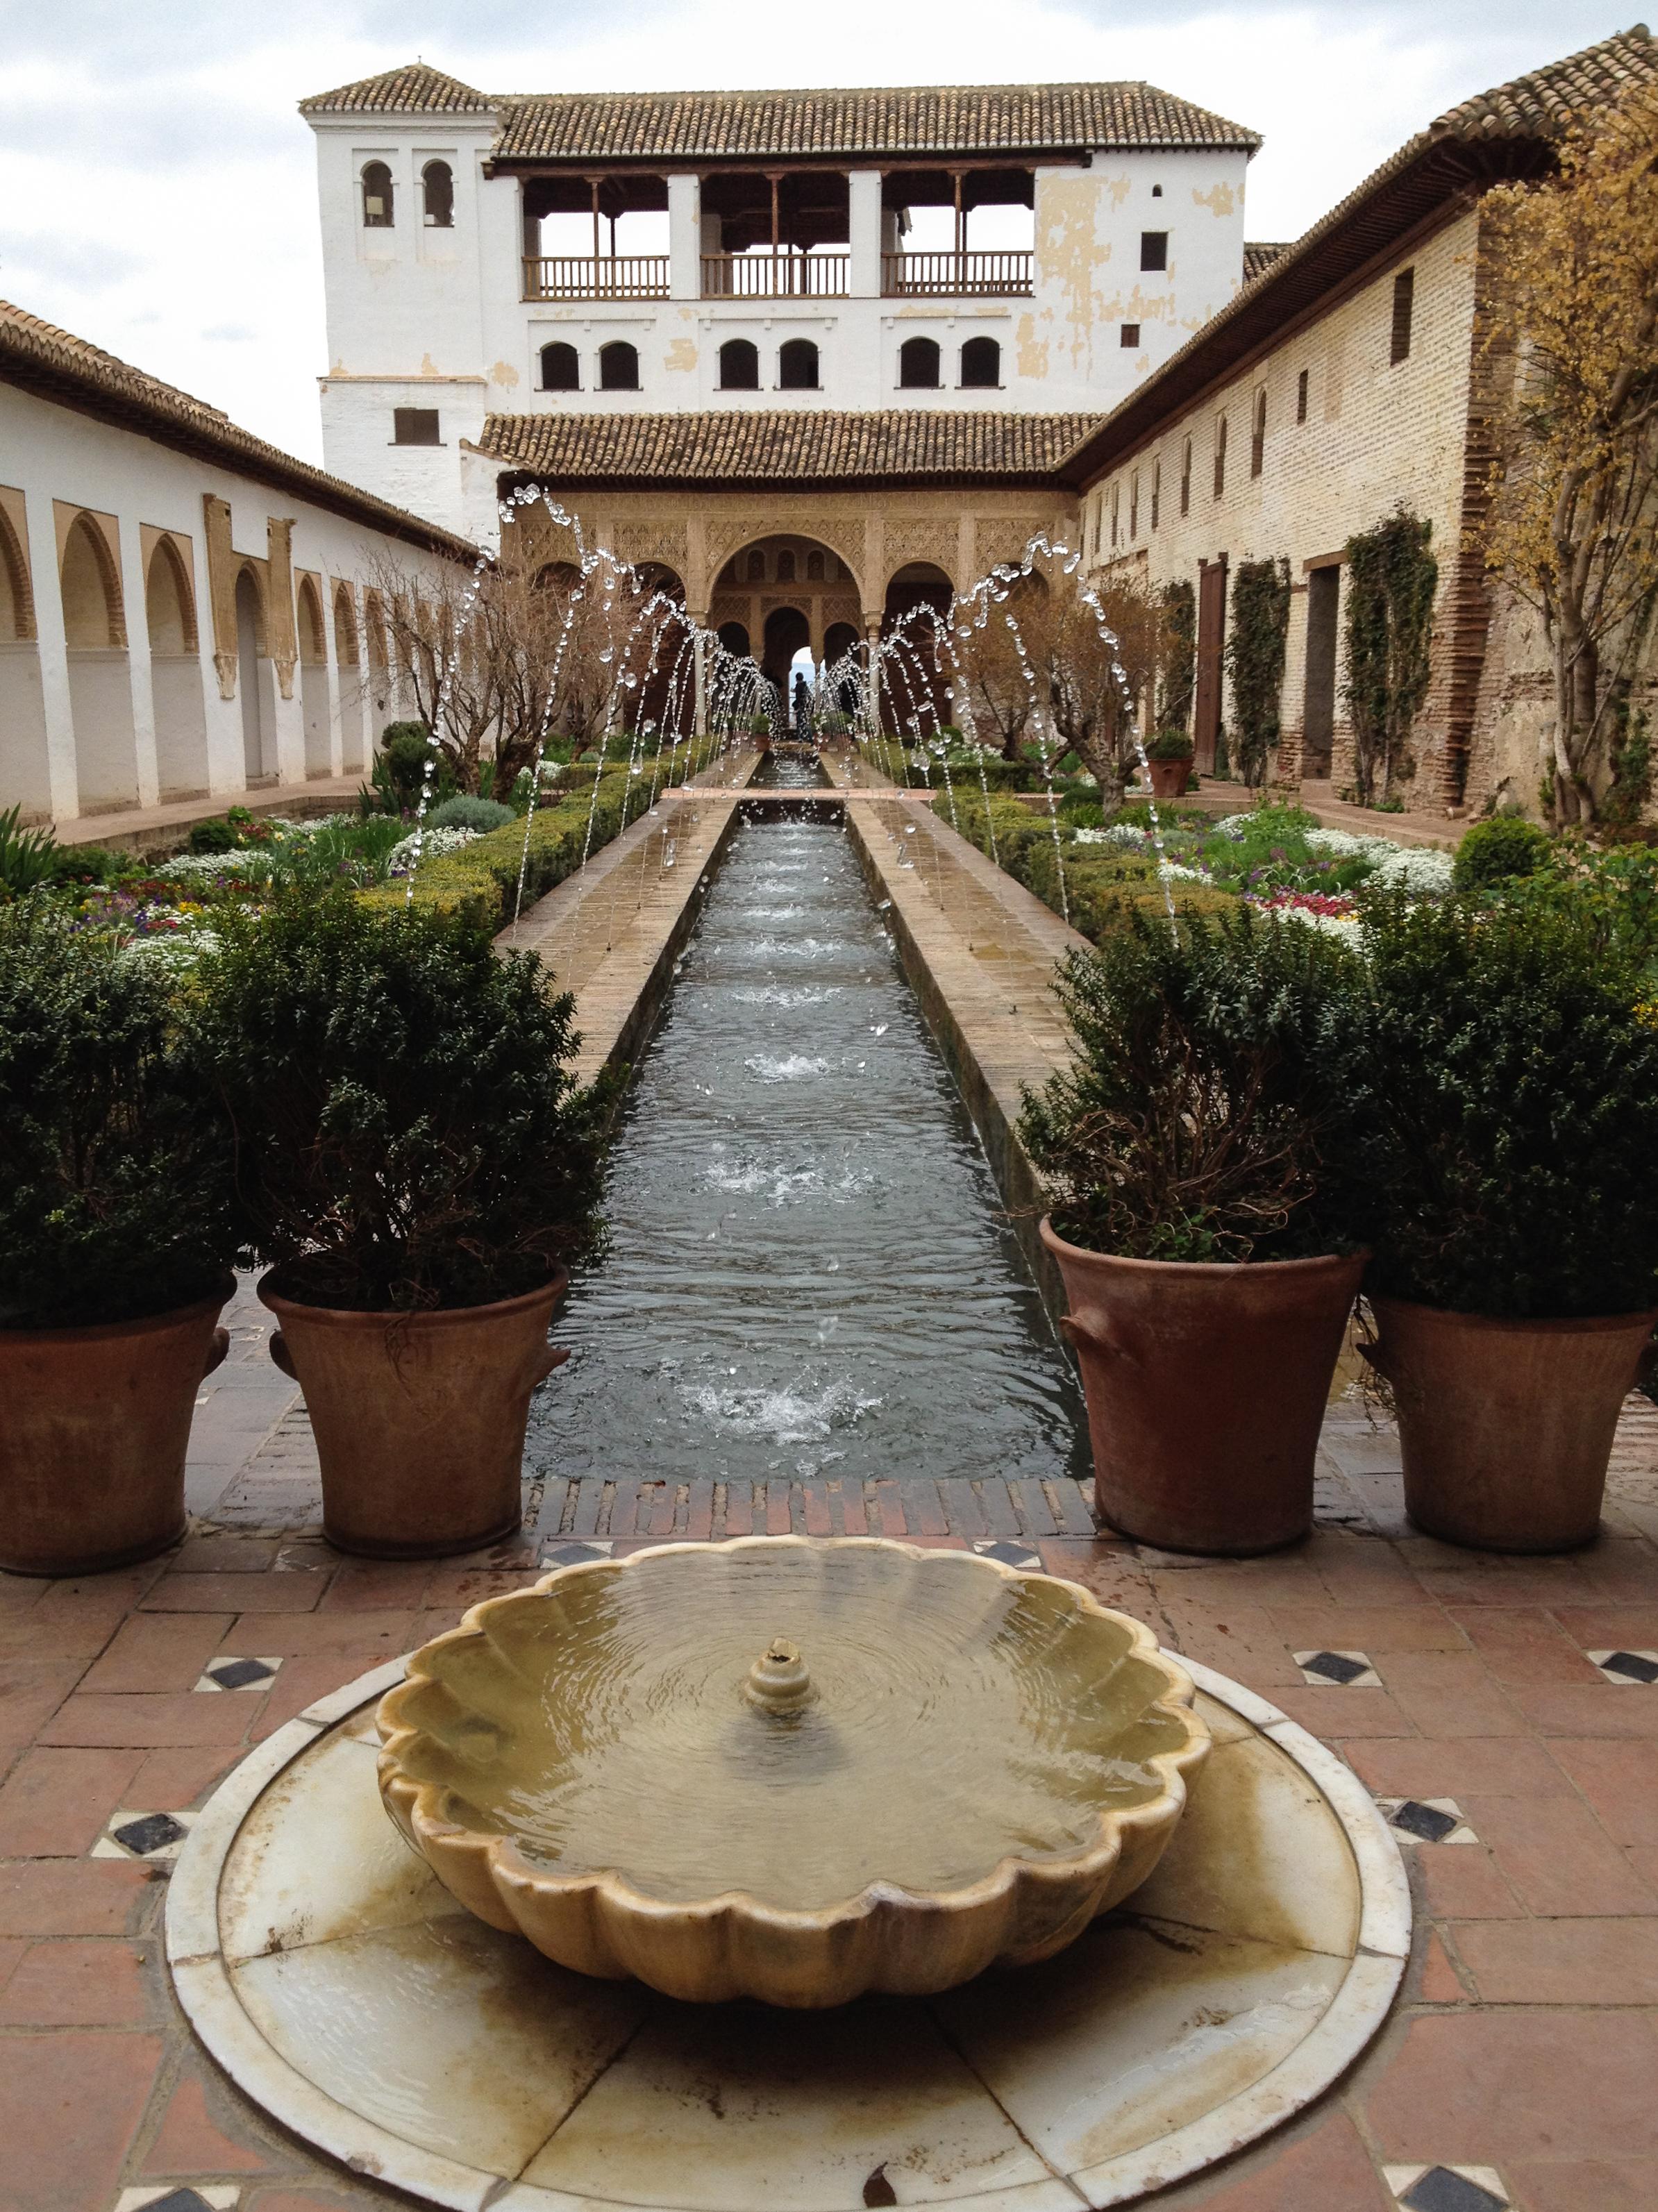 File:Generalife gardens in Alhambra, Granada (6922912184).jpg